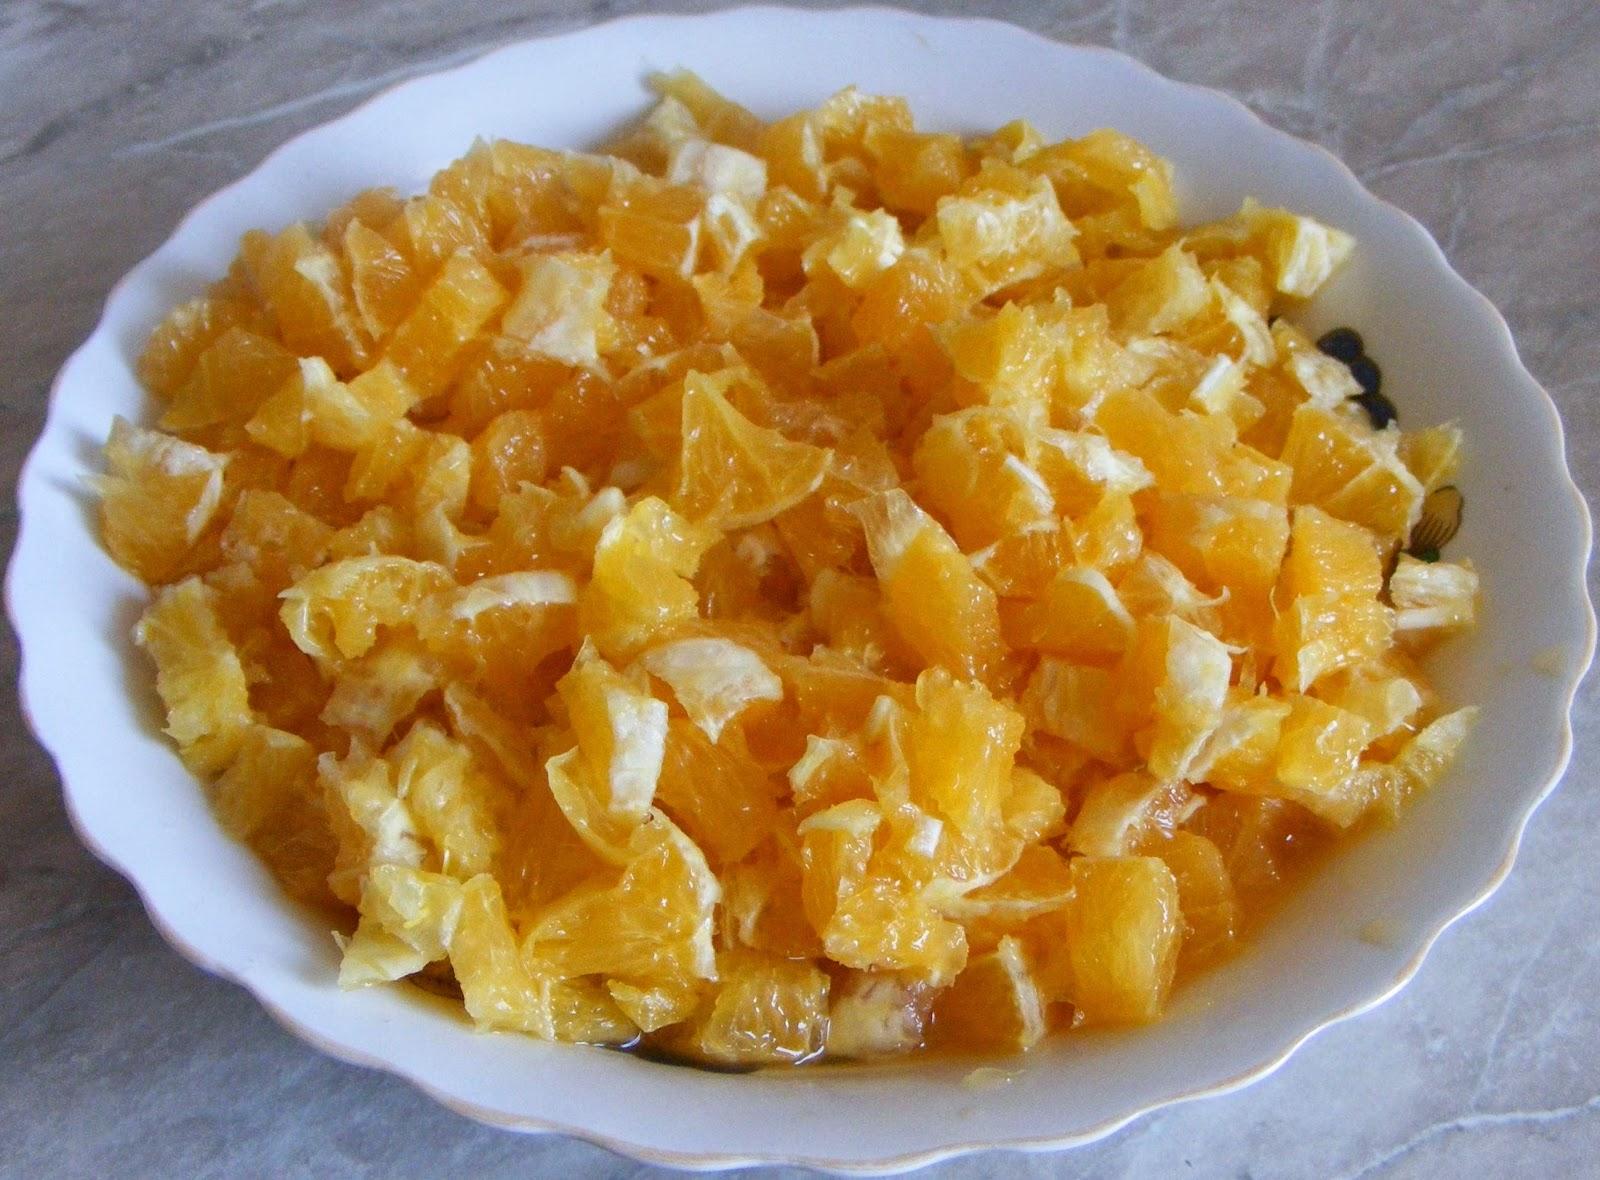 portocale, pulpa de portocale, portocale pentru dulceata, pulpa de portocala pentru dulceata, pulpa de portocale pentru dulceata de casa cu portocale, retete si preparate culinare cu portocale, reteta cu portocale, retete cu portocale, portocala,